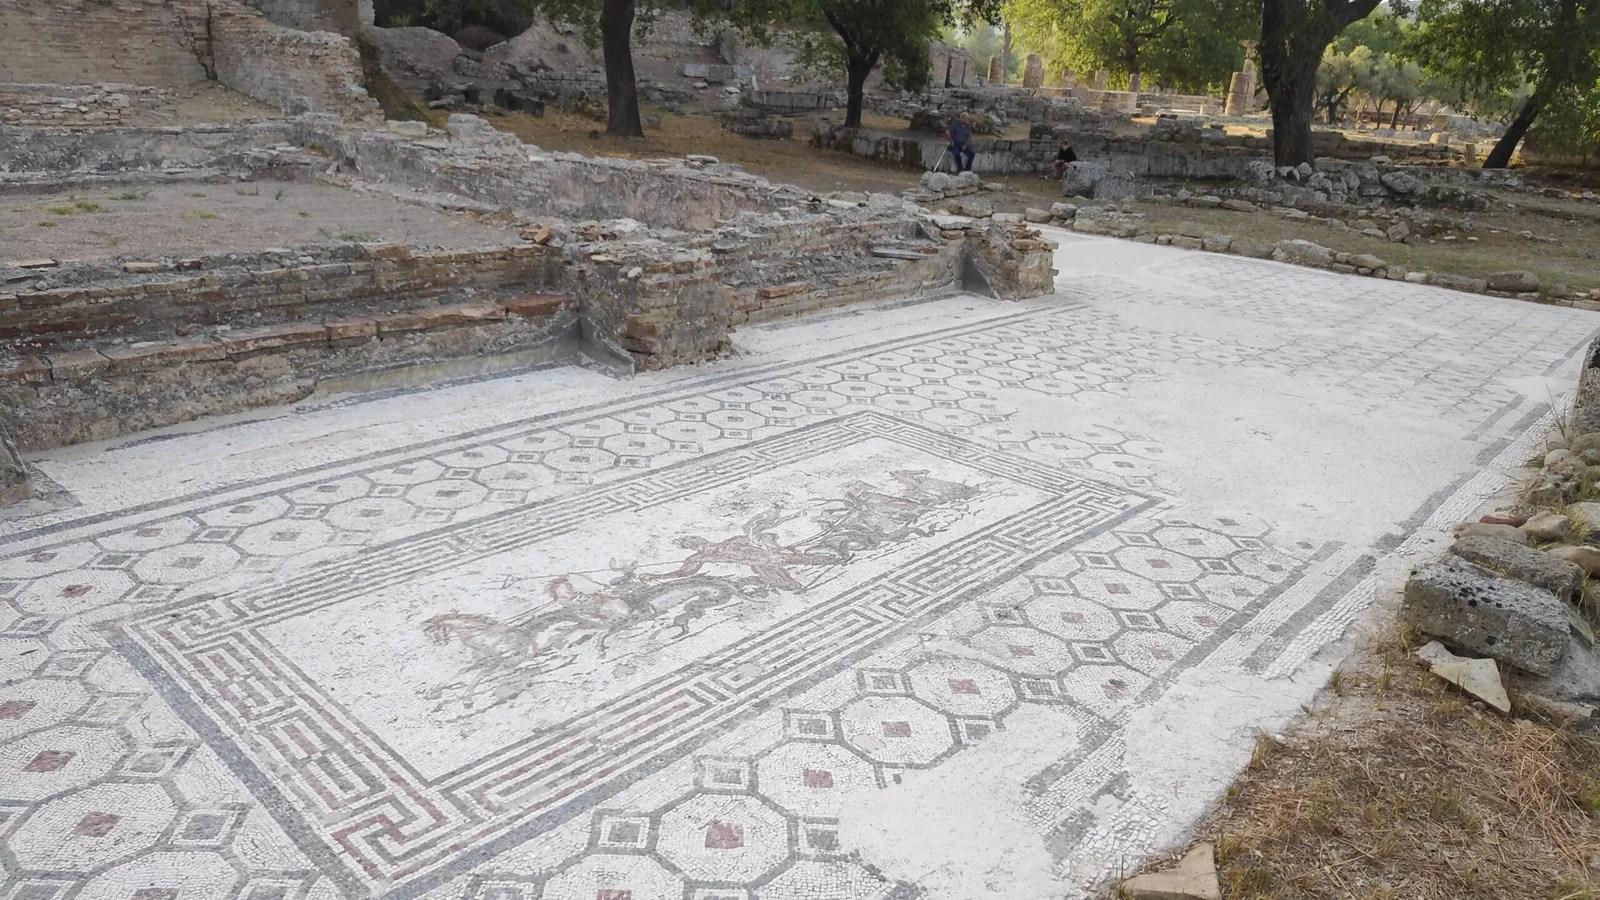 Σαββατοκύριακο Ευρωπαϊκών Ημερών  Πολιτιστικής Κληρονομιάς 2020 με ελεύθερη είσοδο στους αρχαιολογικούς χώρους, τα μουσεία και τα μνημεία του κράτους